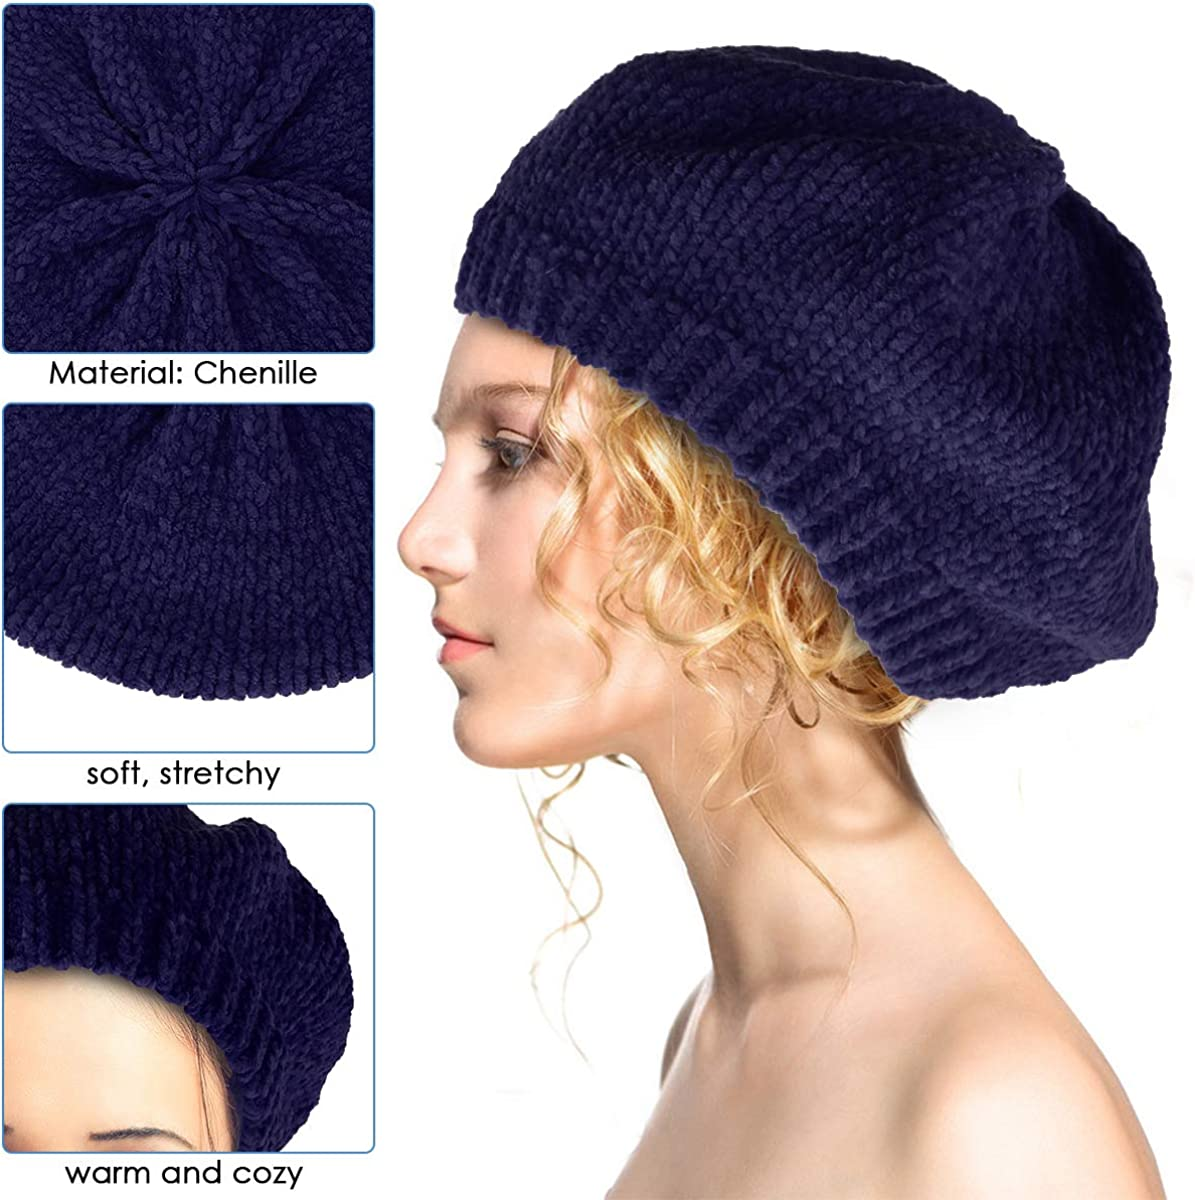 XingYue Direct Femmes B/éret la Mode Style fran/çais Automne Pur Couleur Hiver Chaud Chapeau fran/çais Bonnet Fille Bonnet Confortable